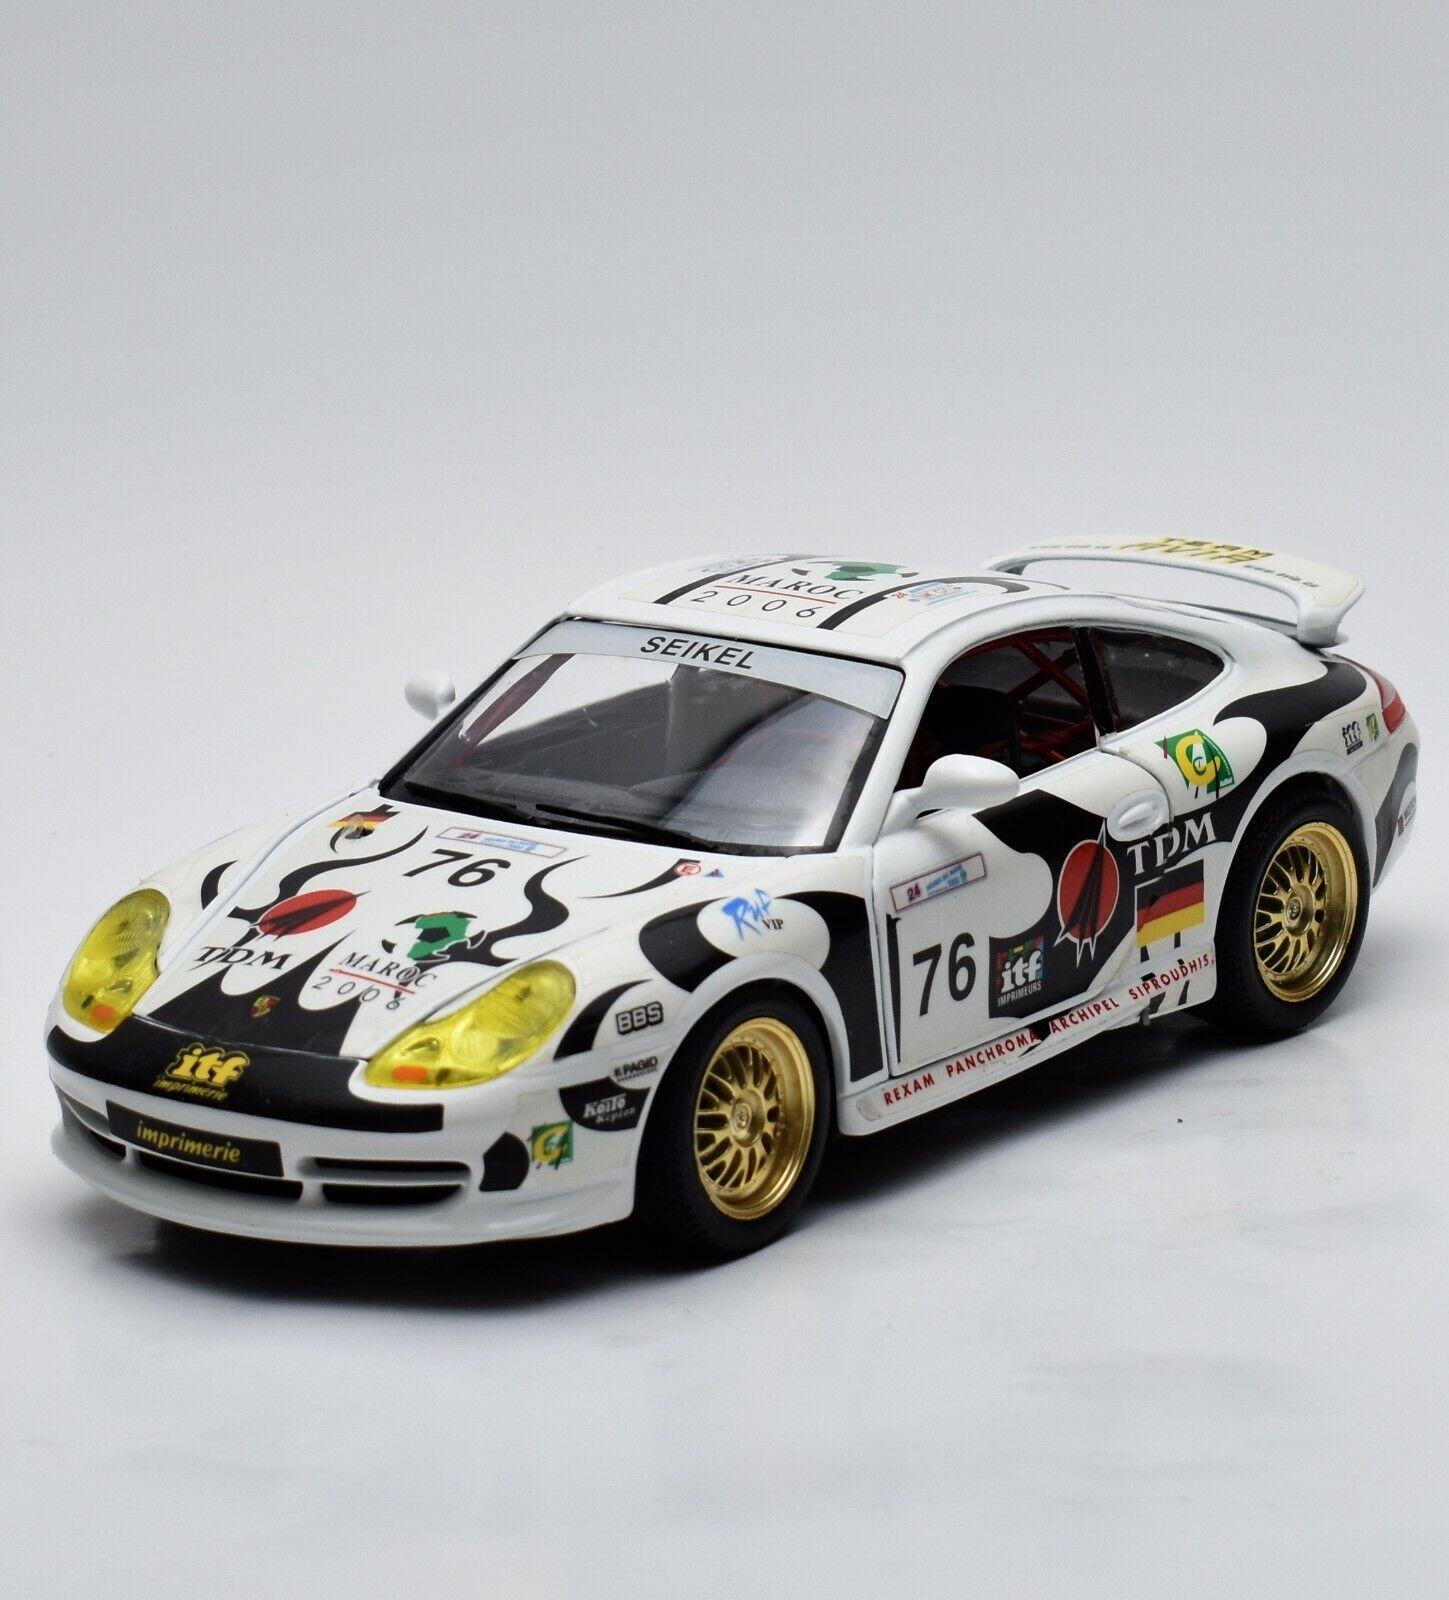 Bburago 3335 Porsche 911 gt3 Cup Racing équipe AVIA Seikel  76, neuf dans sa boîte, 1 18, k007